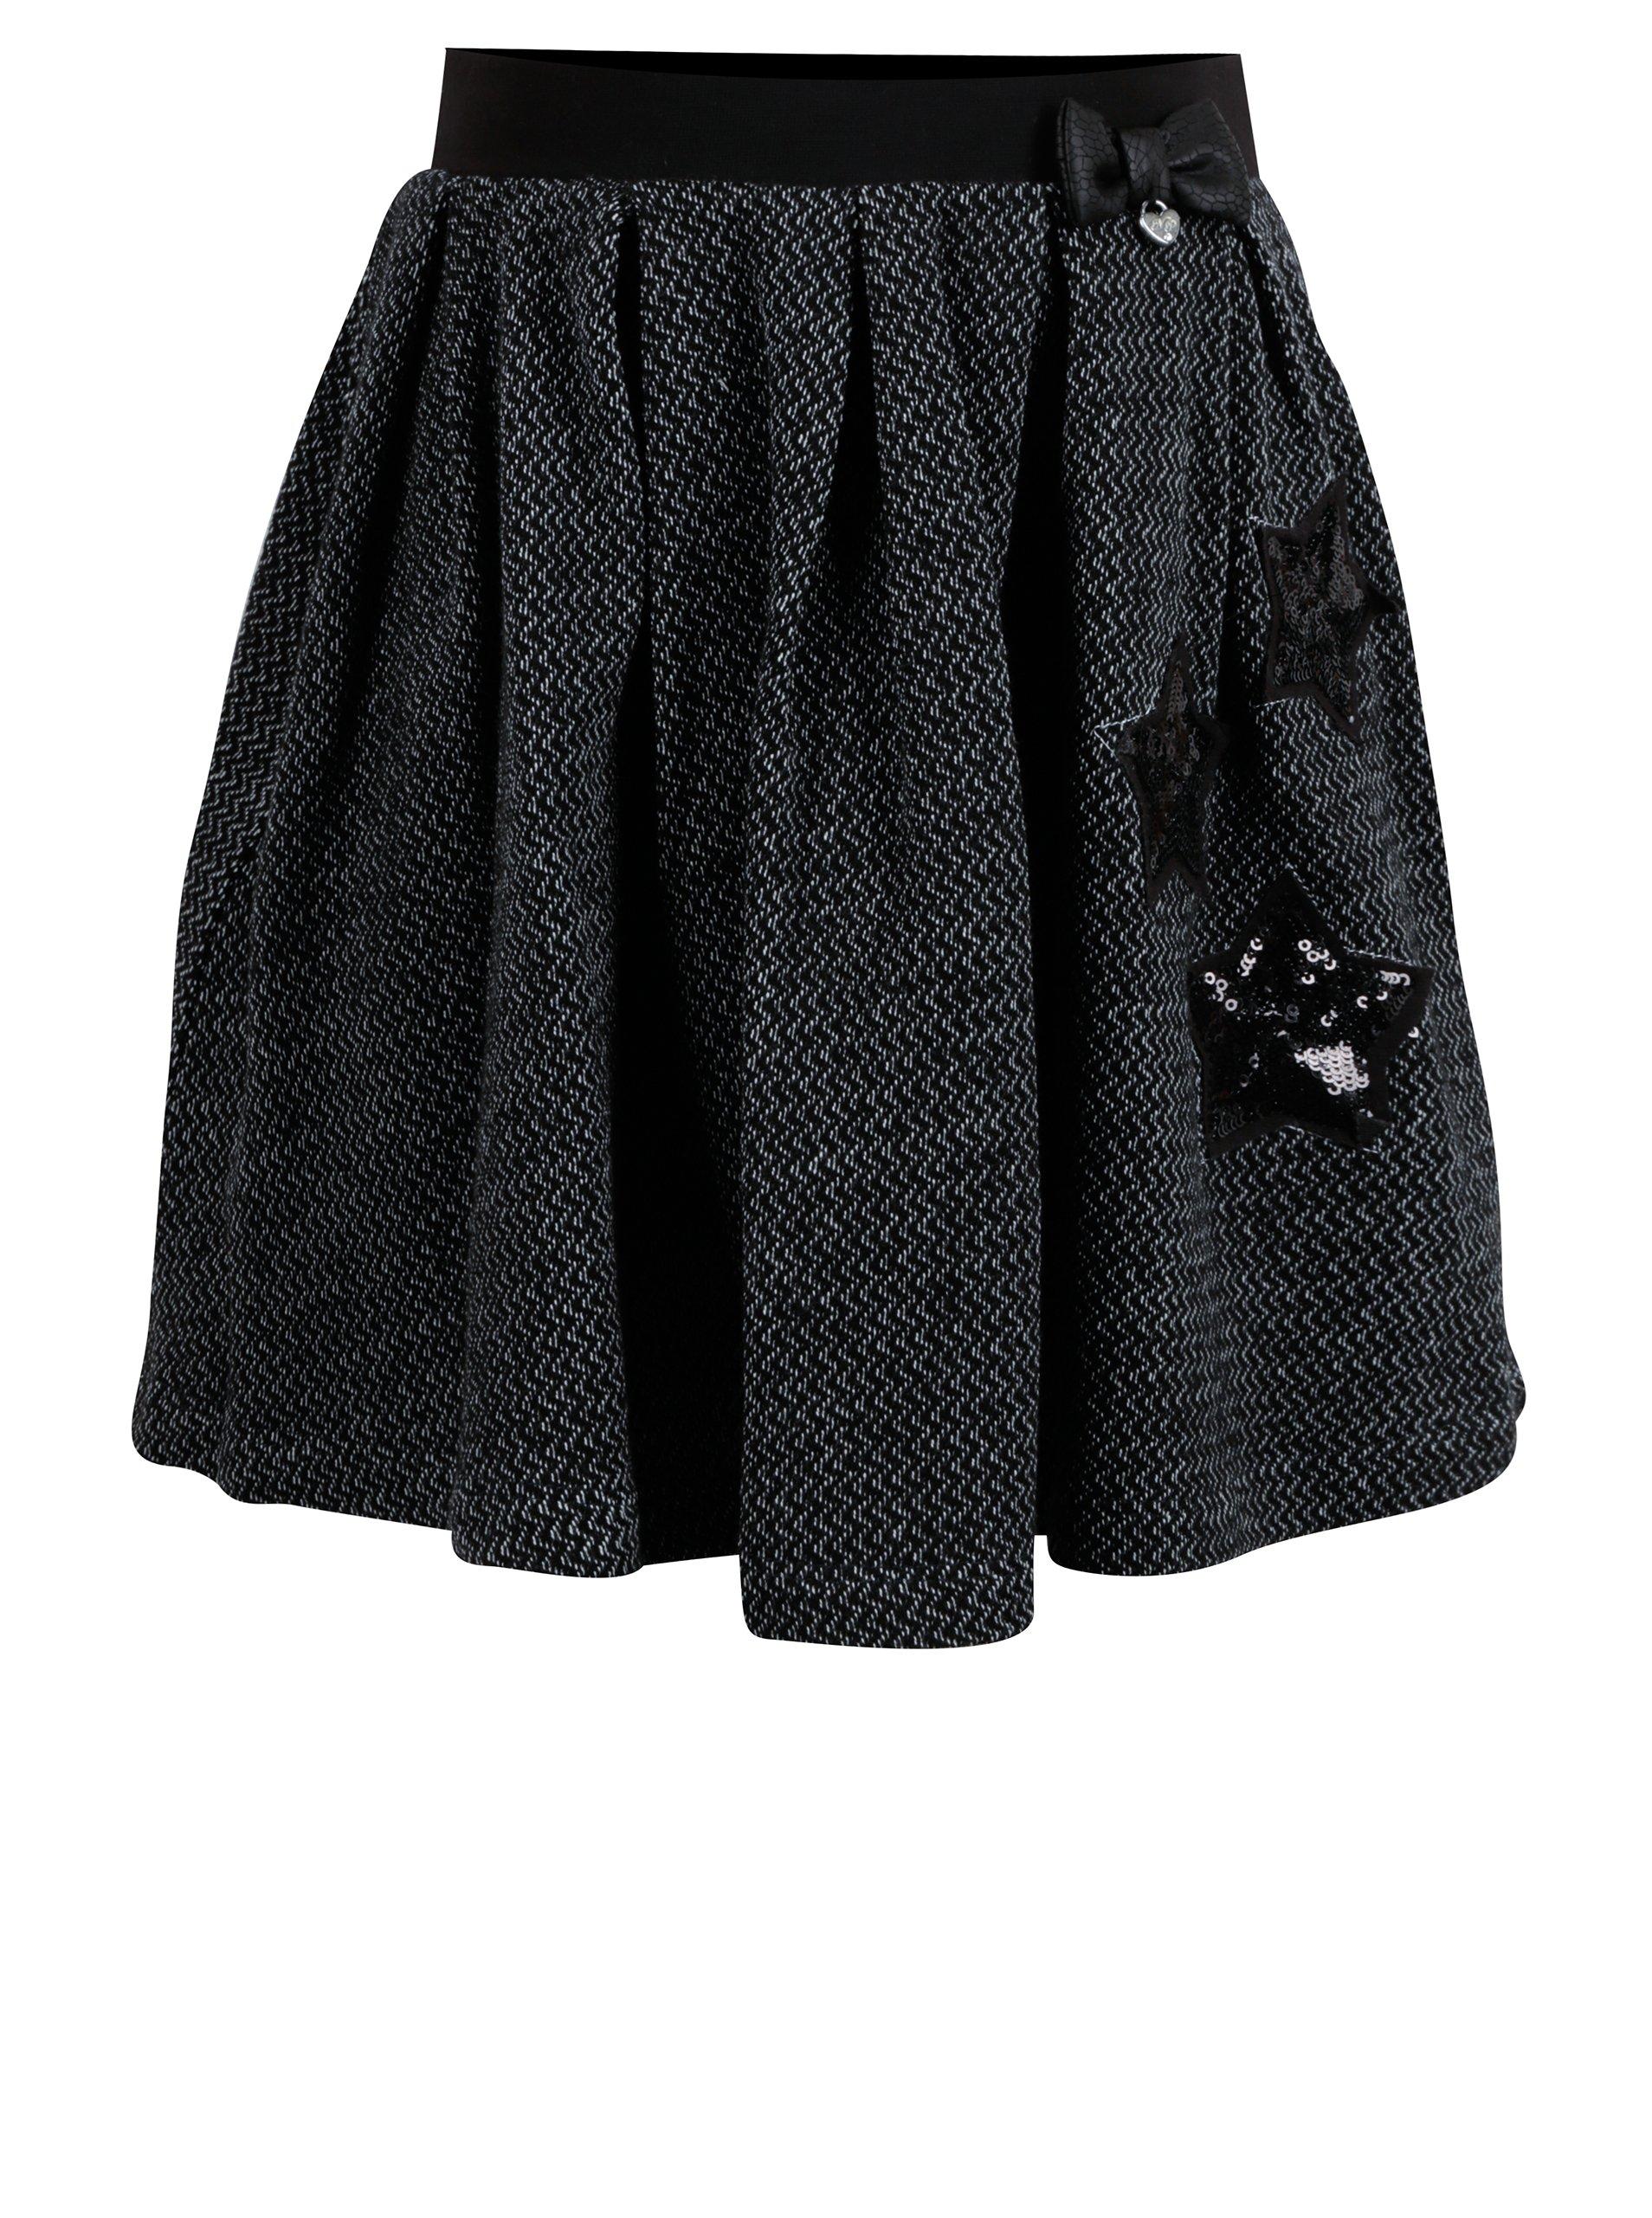 Bílo-černá holčičí vzorovaná sukně North Pole Kids